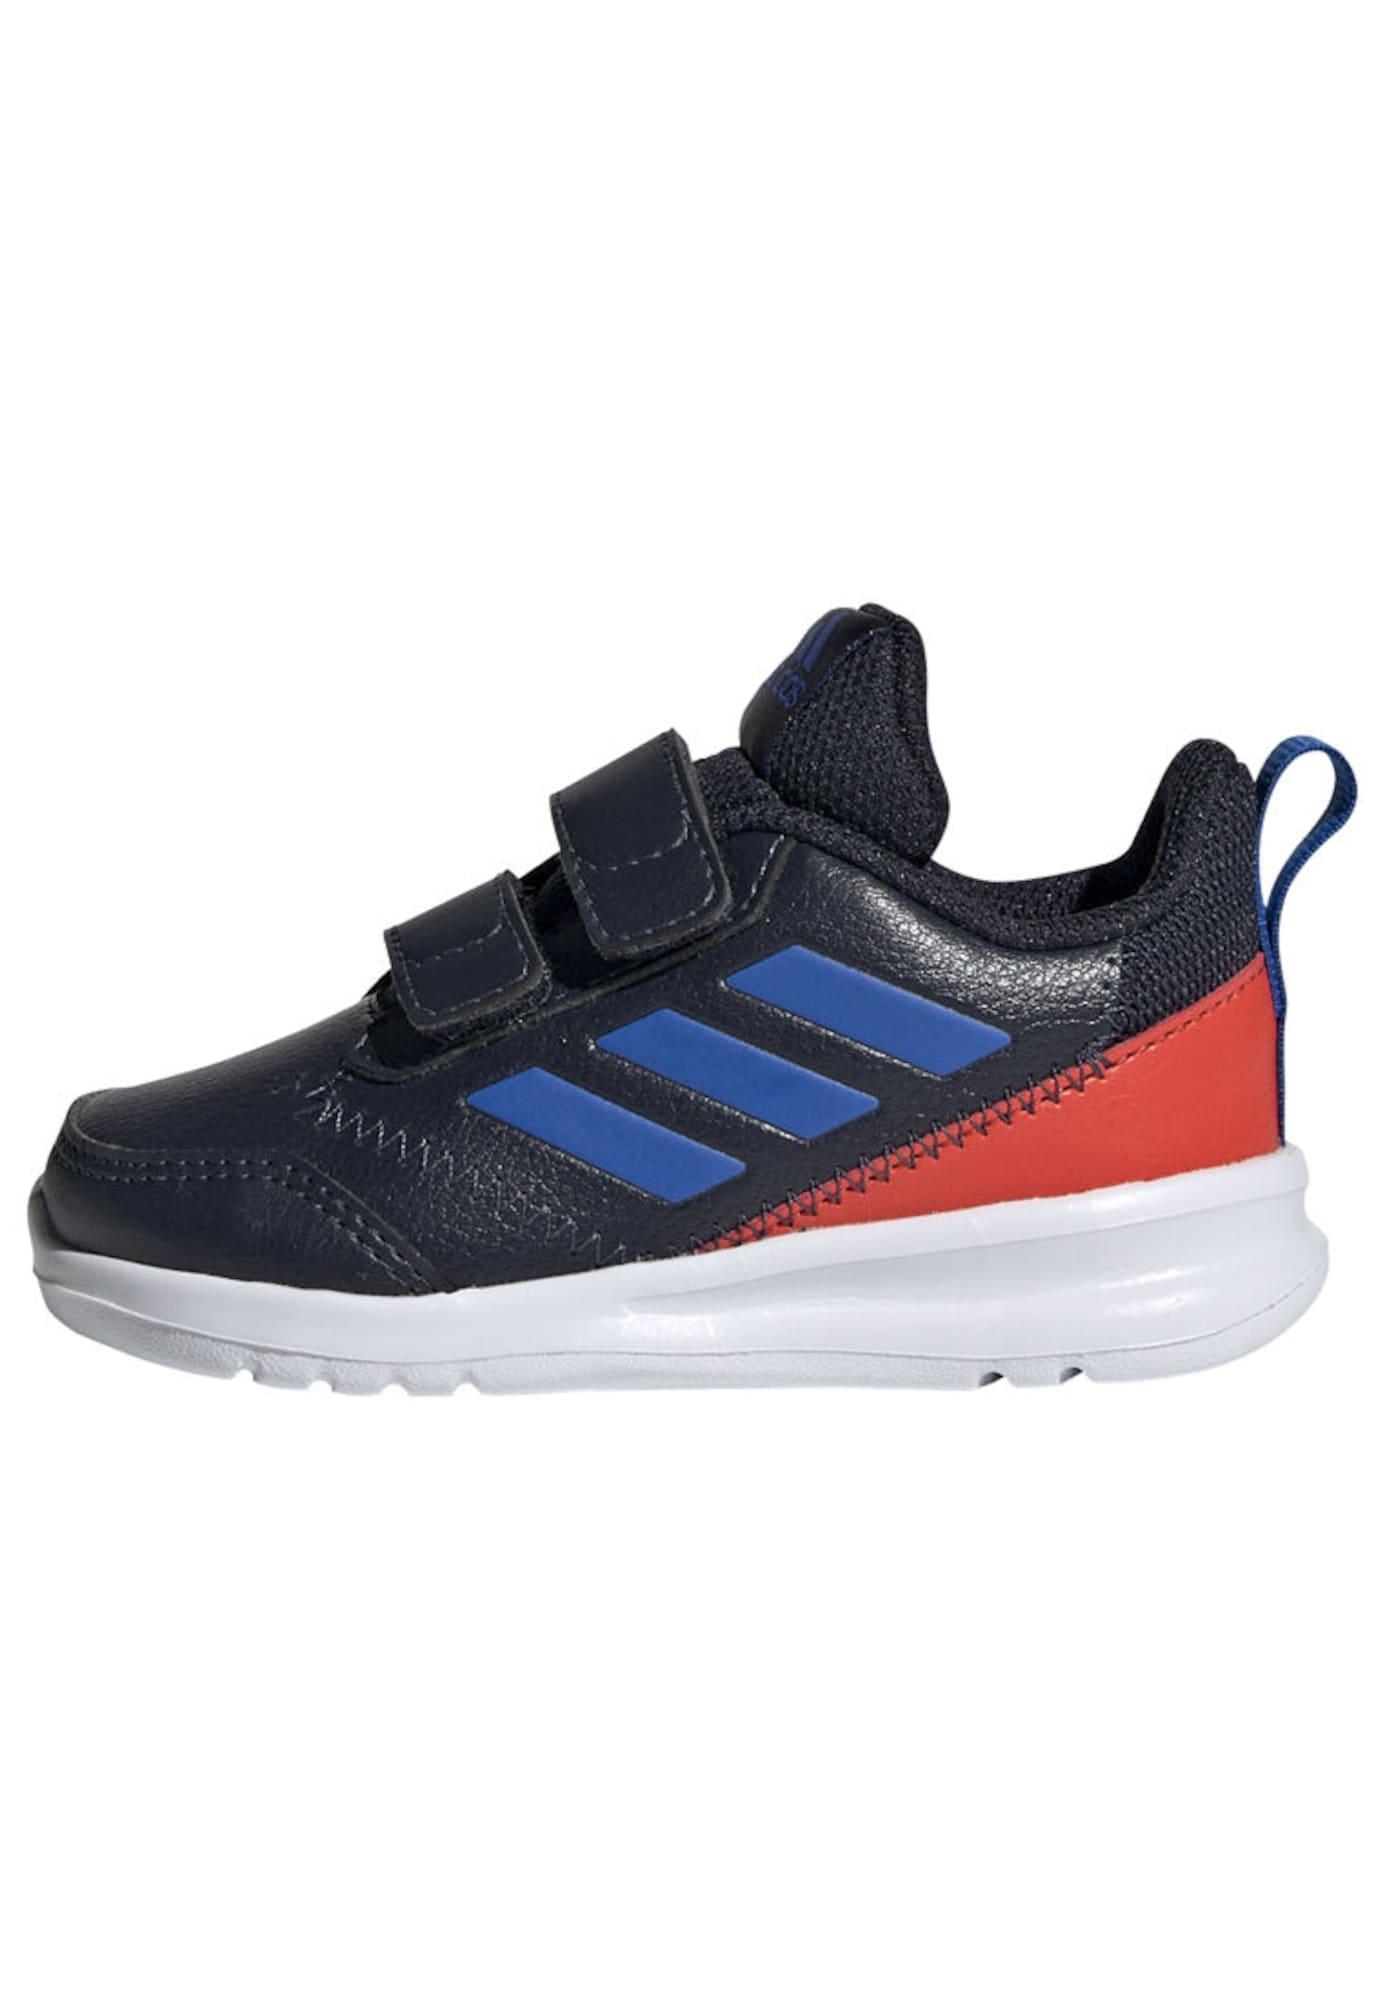 Sportovní boty AltaRun modrá námořnická modř červená ADIDAS PERFORMANCE